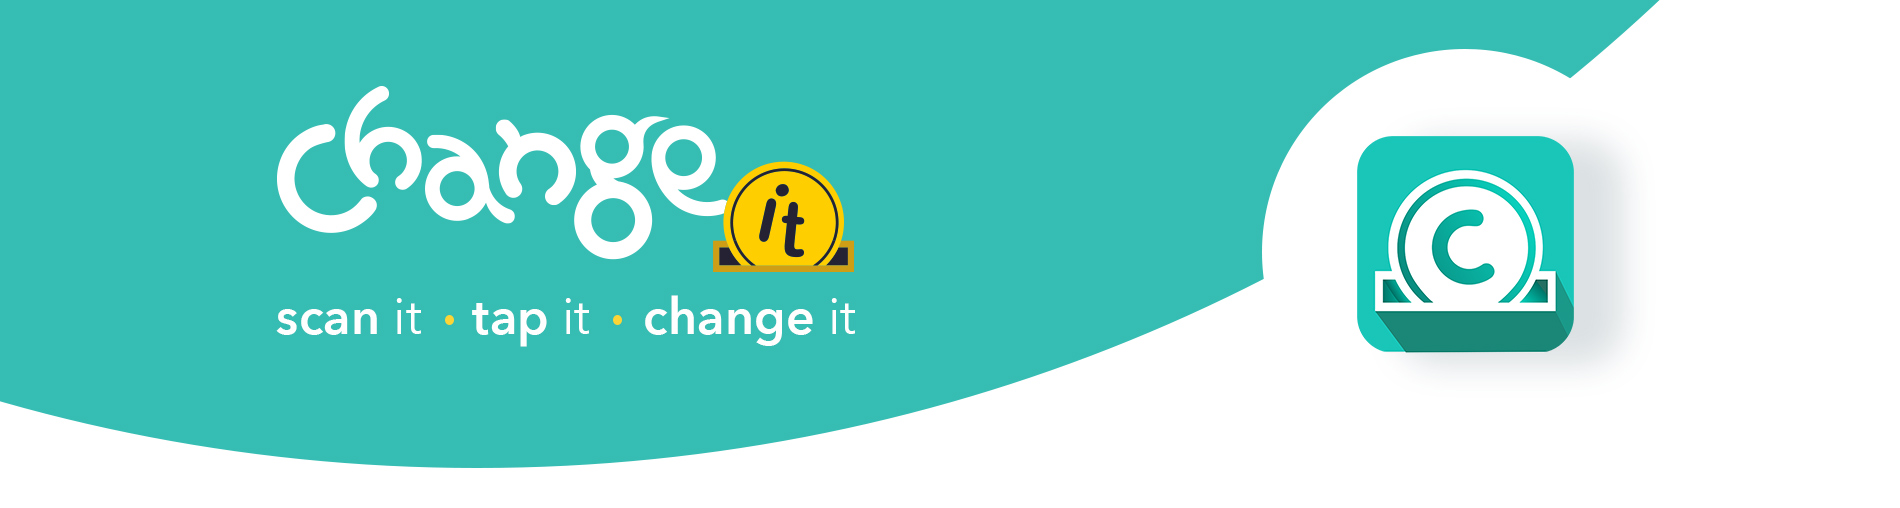 Change-it.jpg